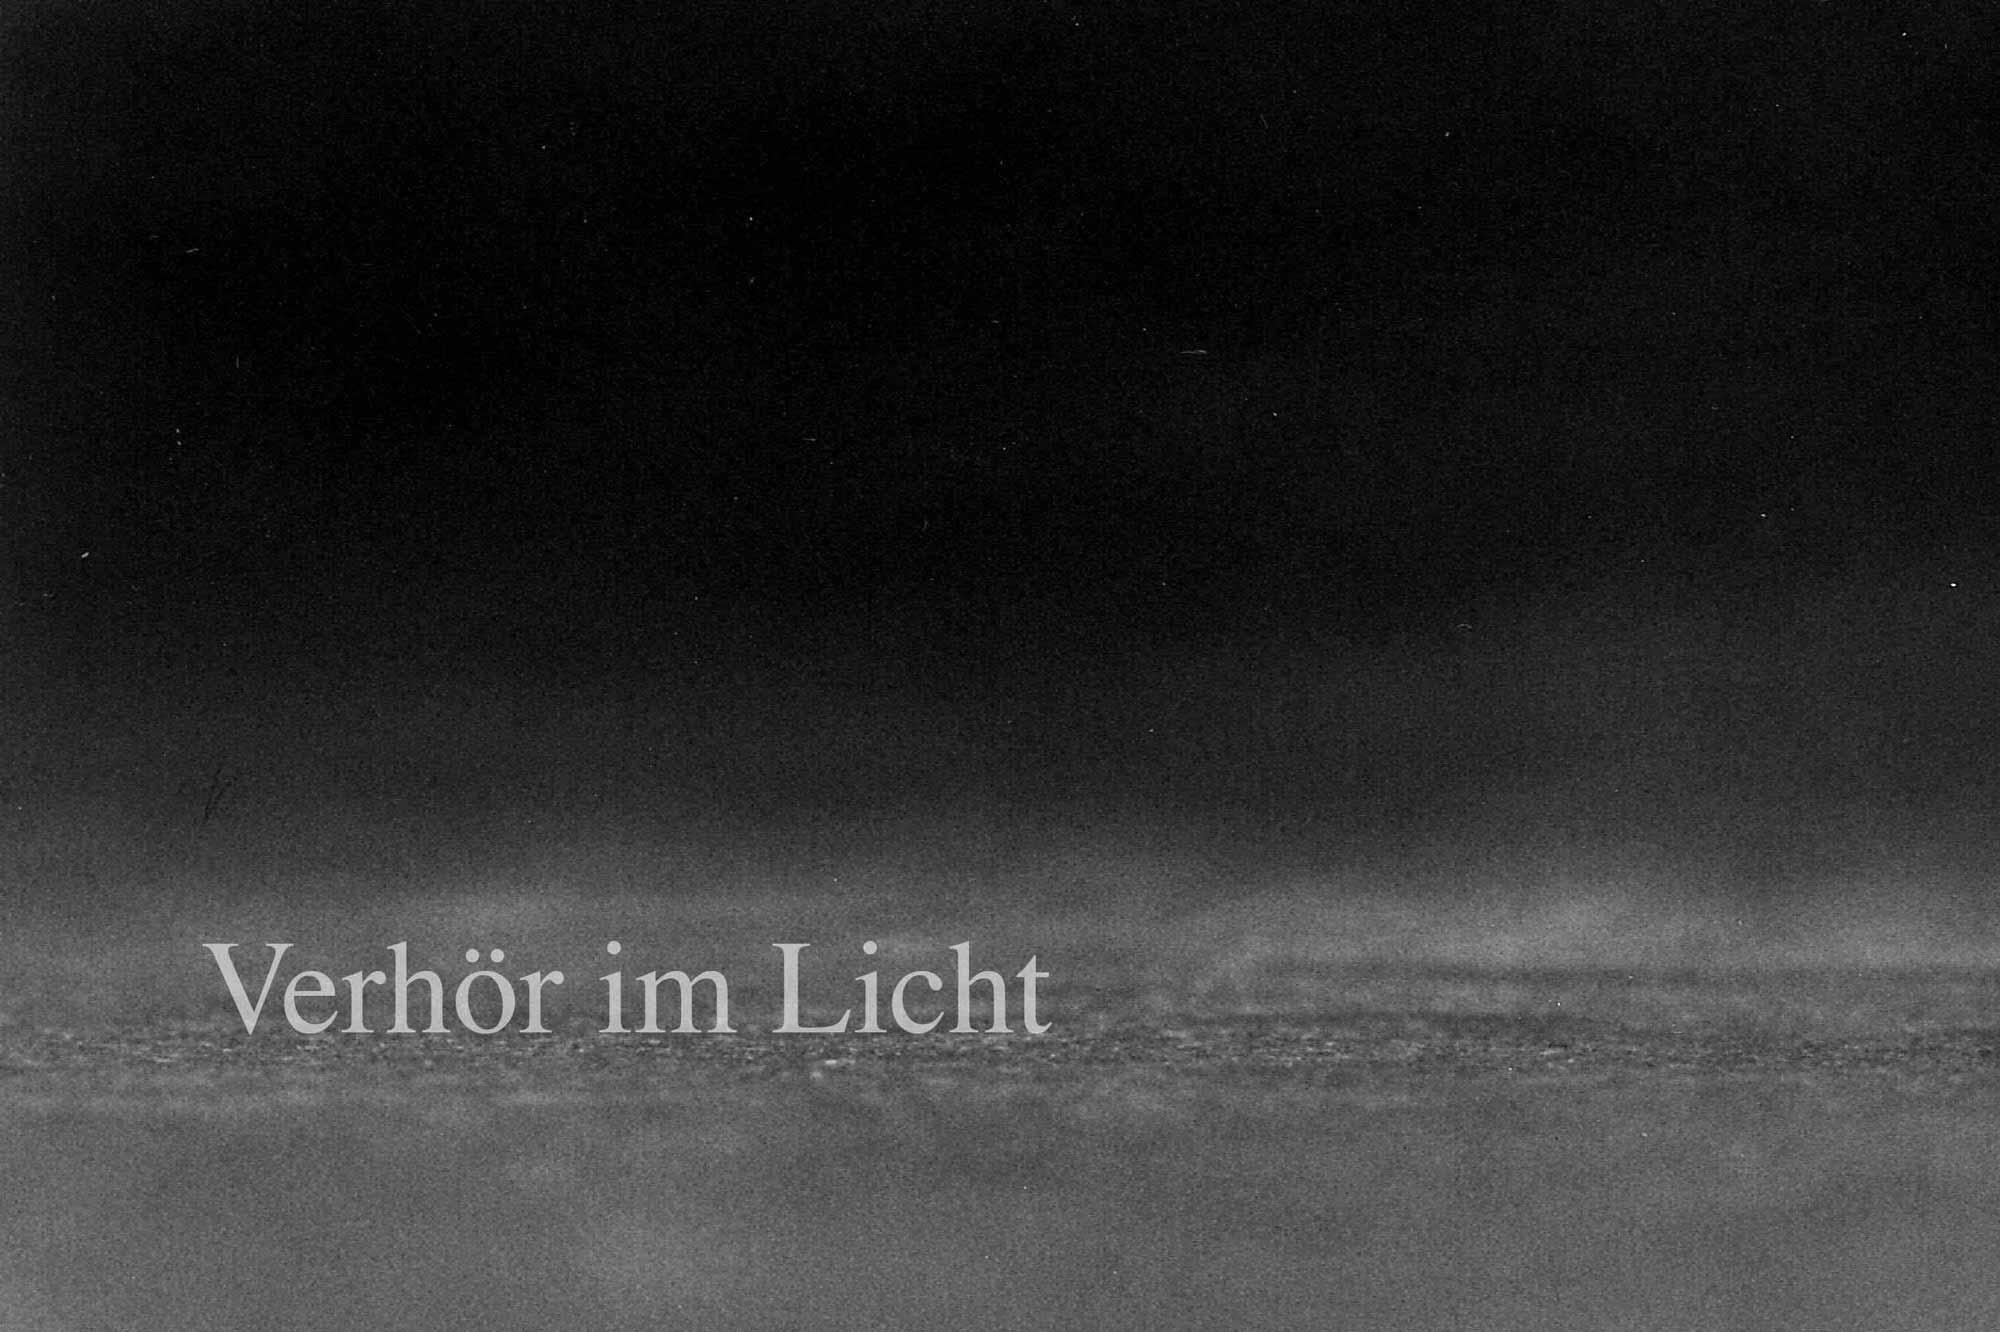 Verhör im Licht, Fotodokumentation